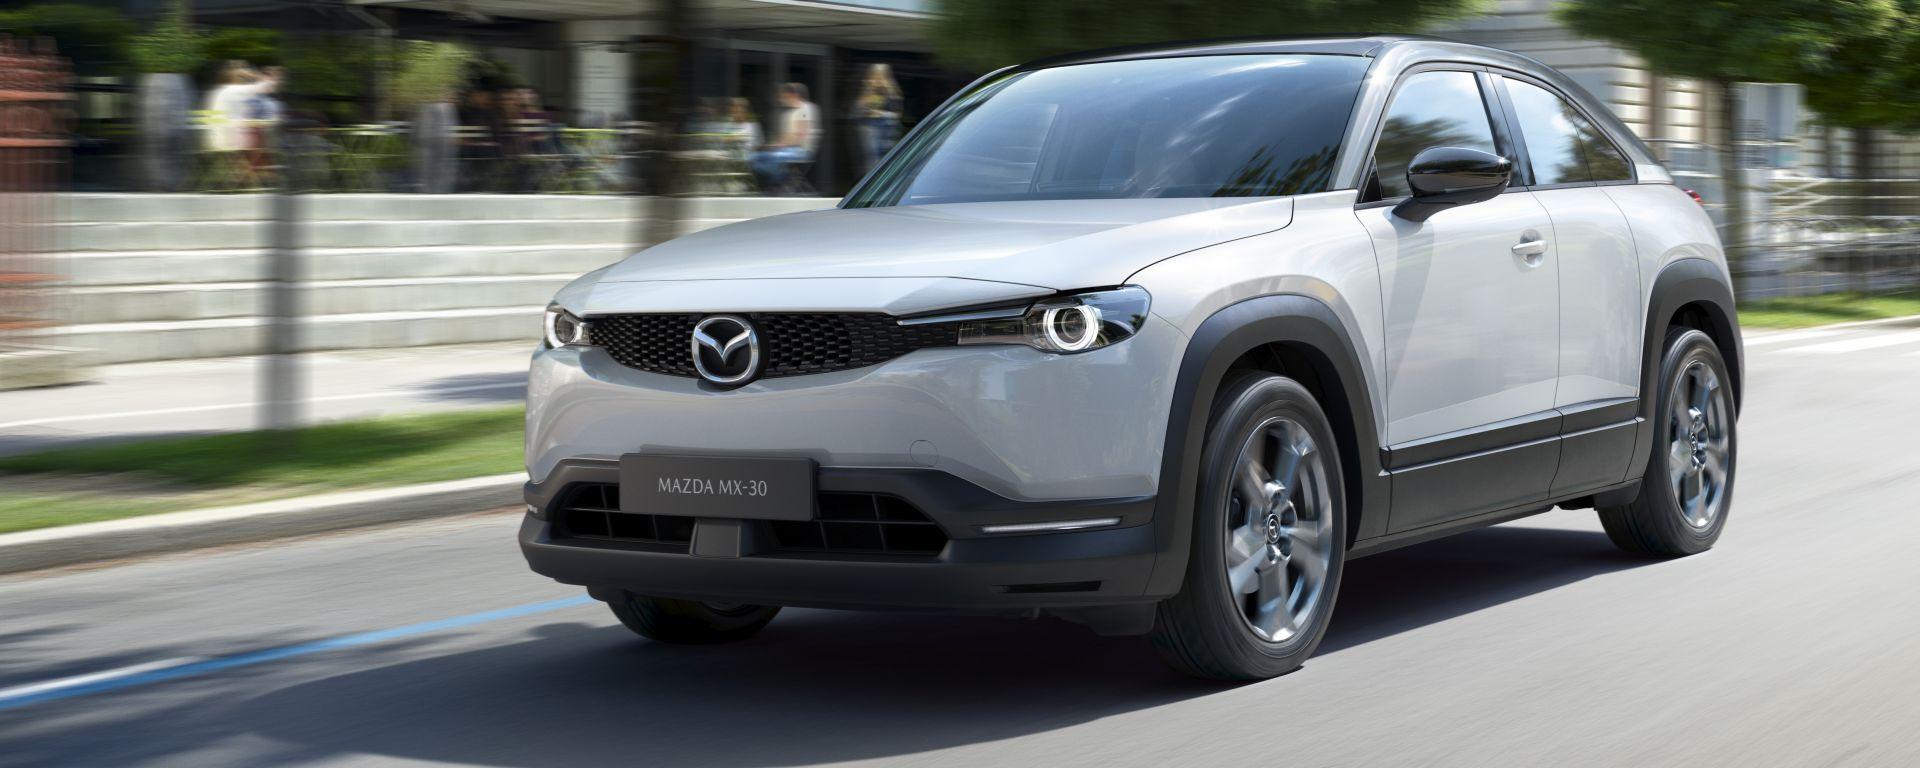 Mazda MX-30 2020 vista 3/4 anteriore